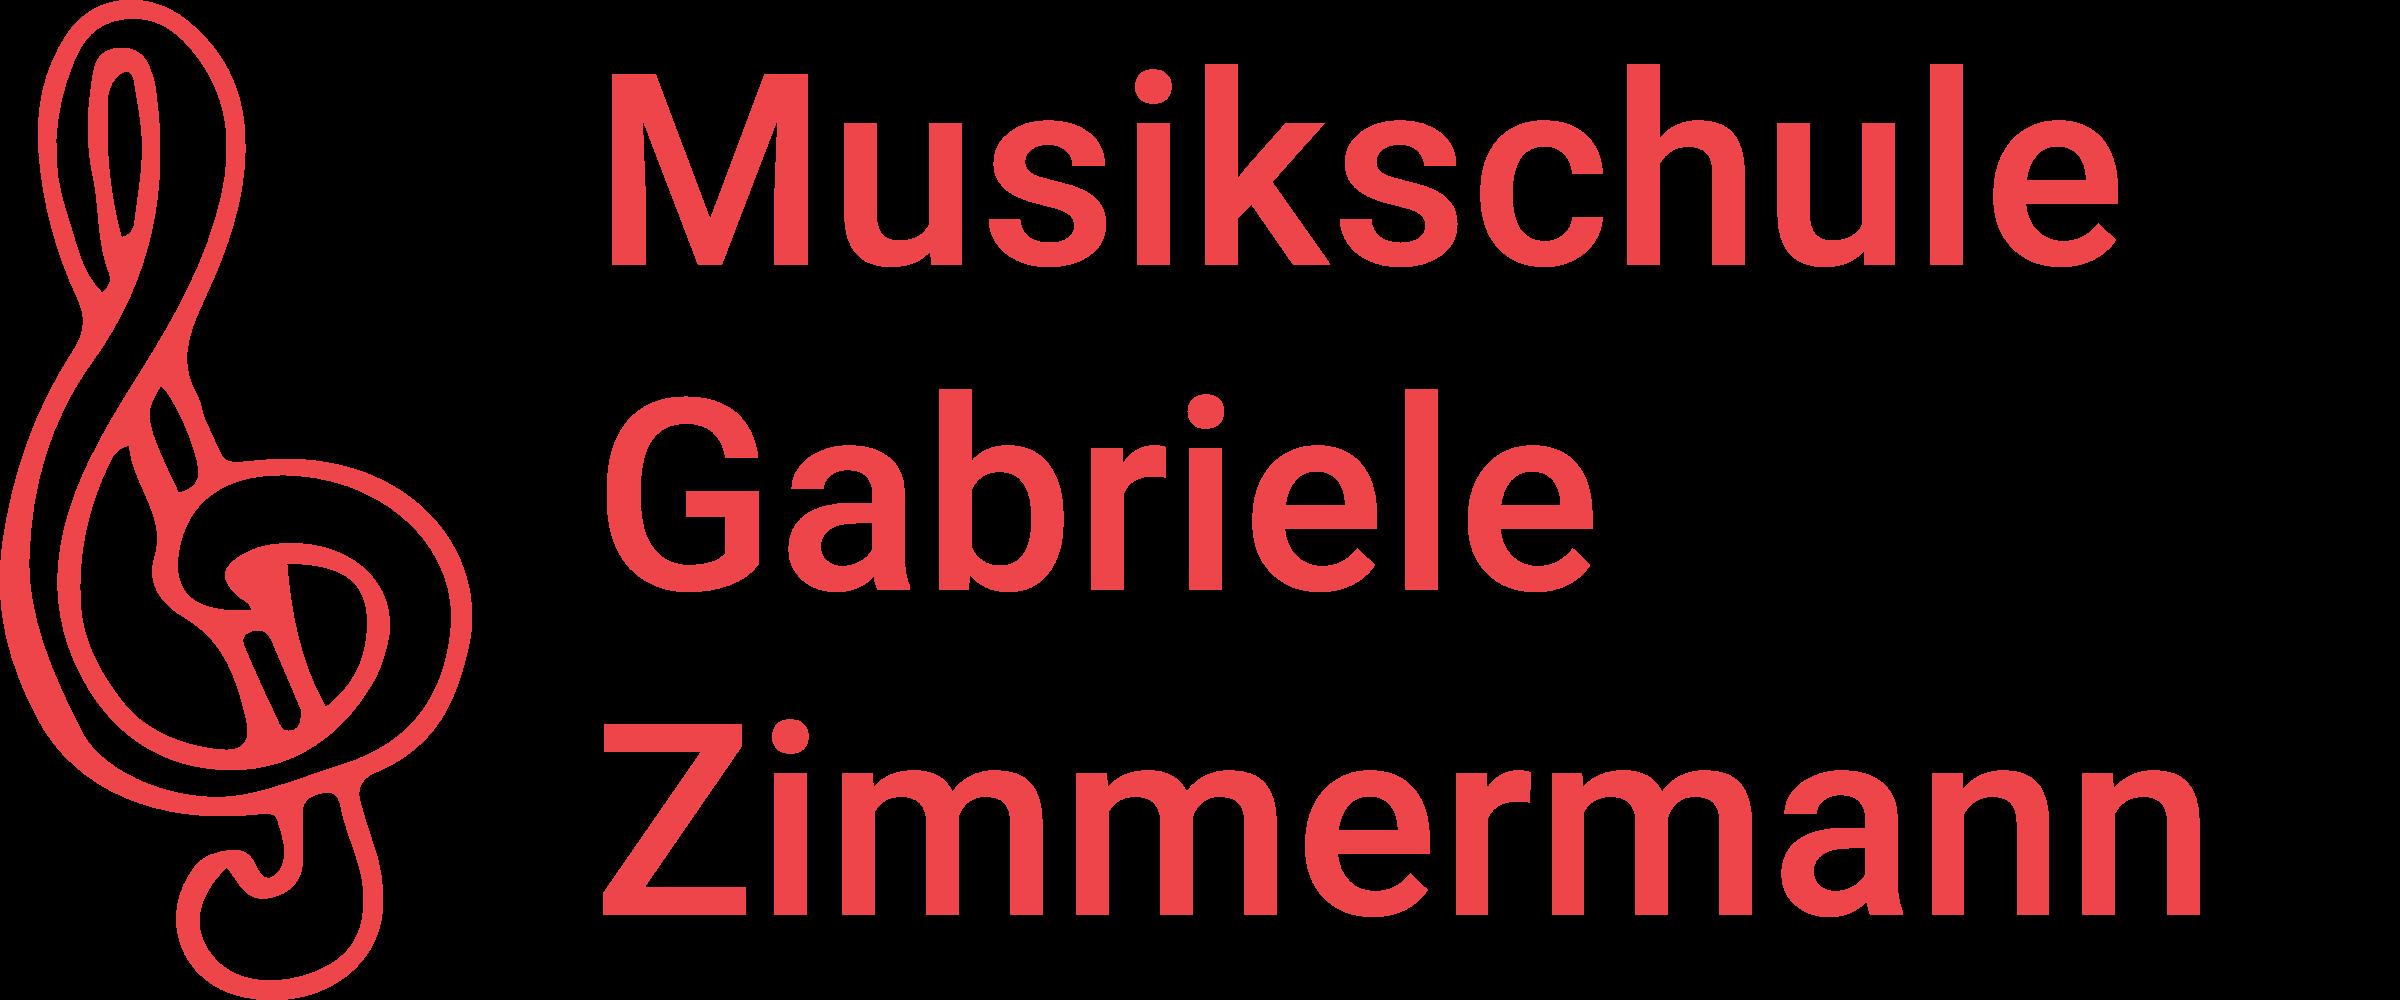 Musikschule Gabriele Zimmermann